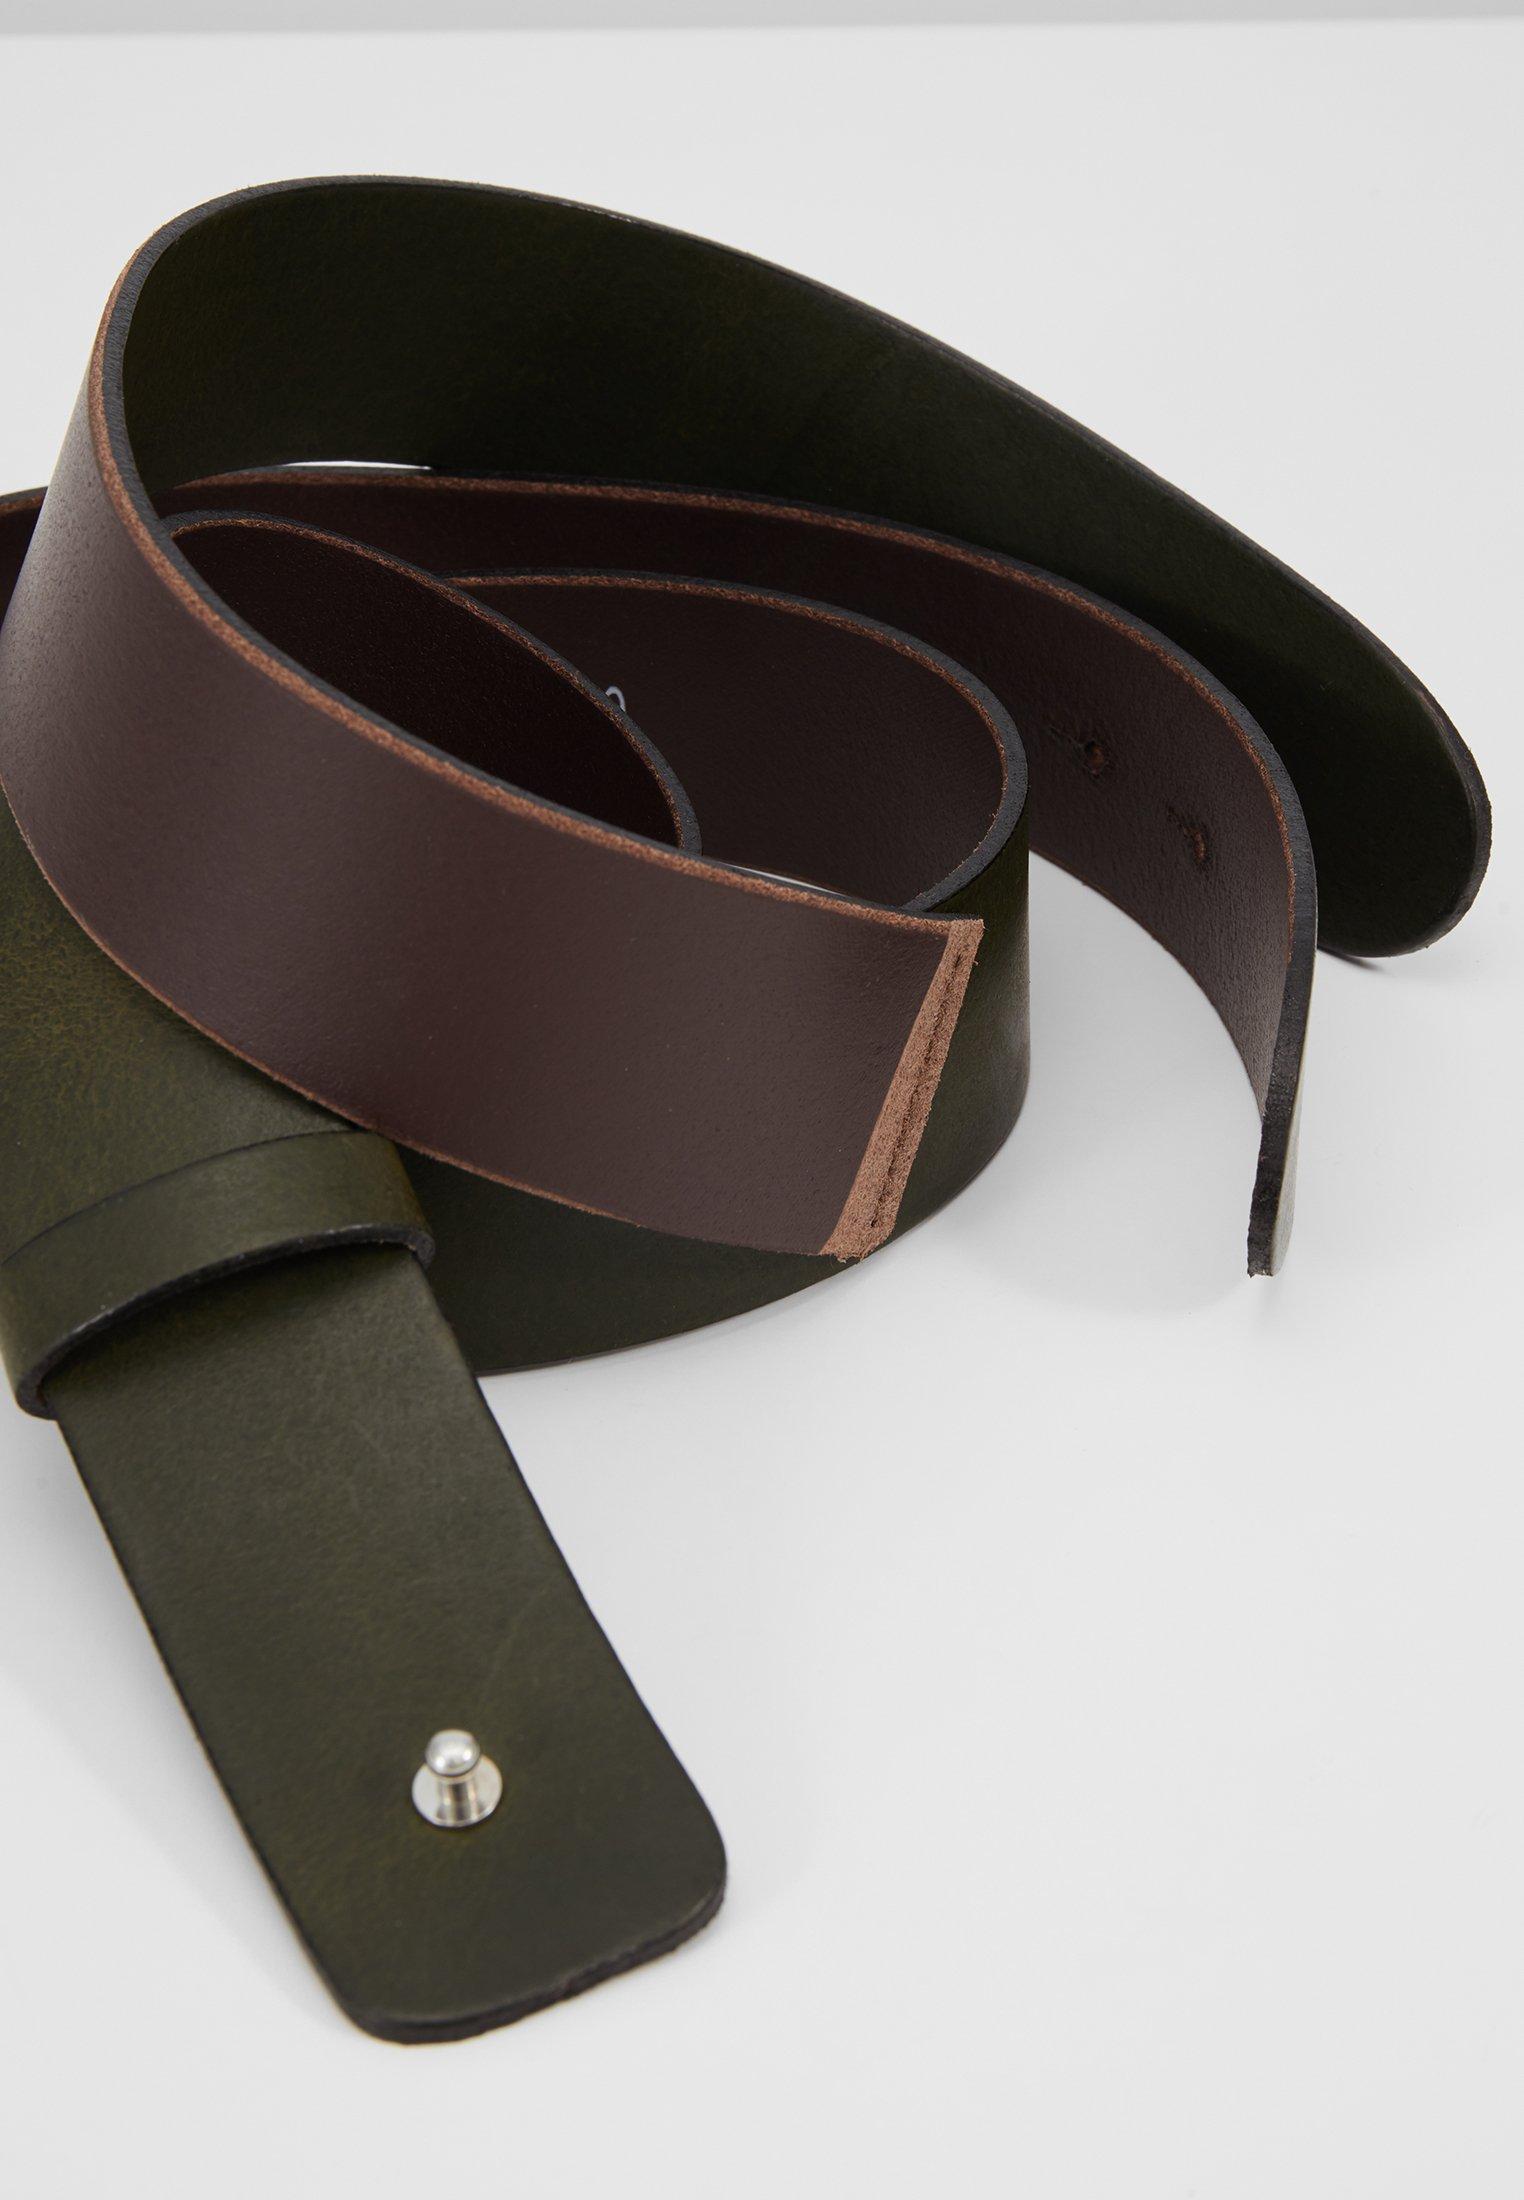 Vanzetti Belte - kaki/grønn qFaiOhUSwS7PCYK